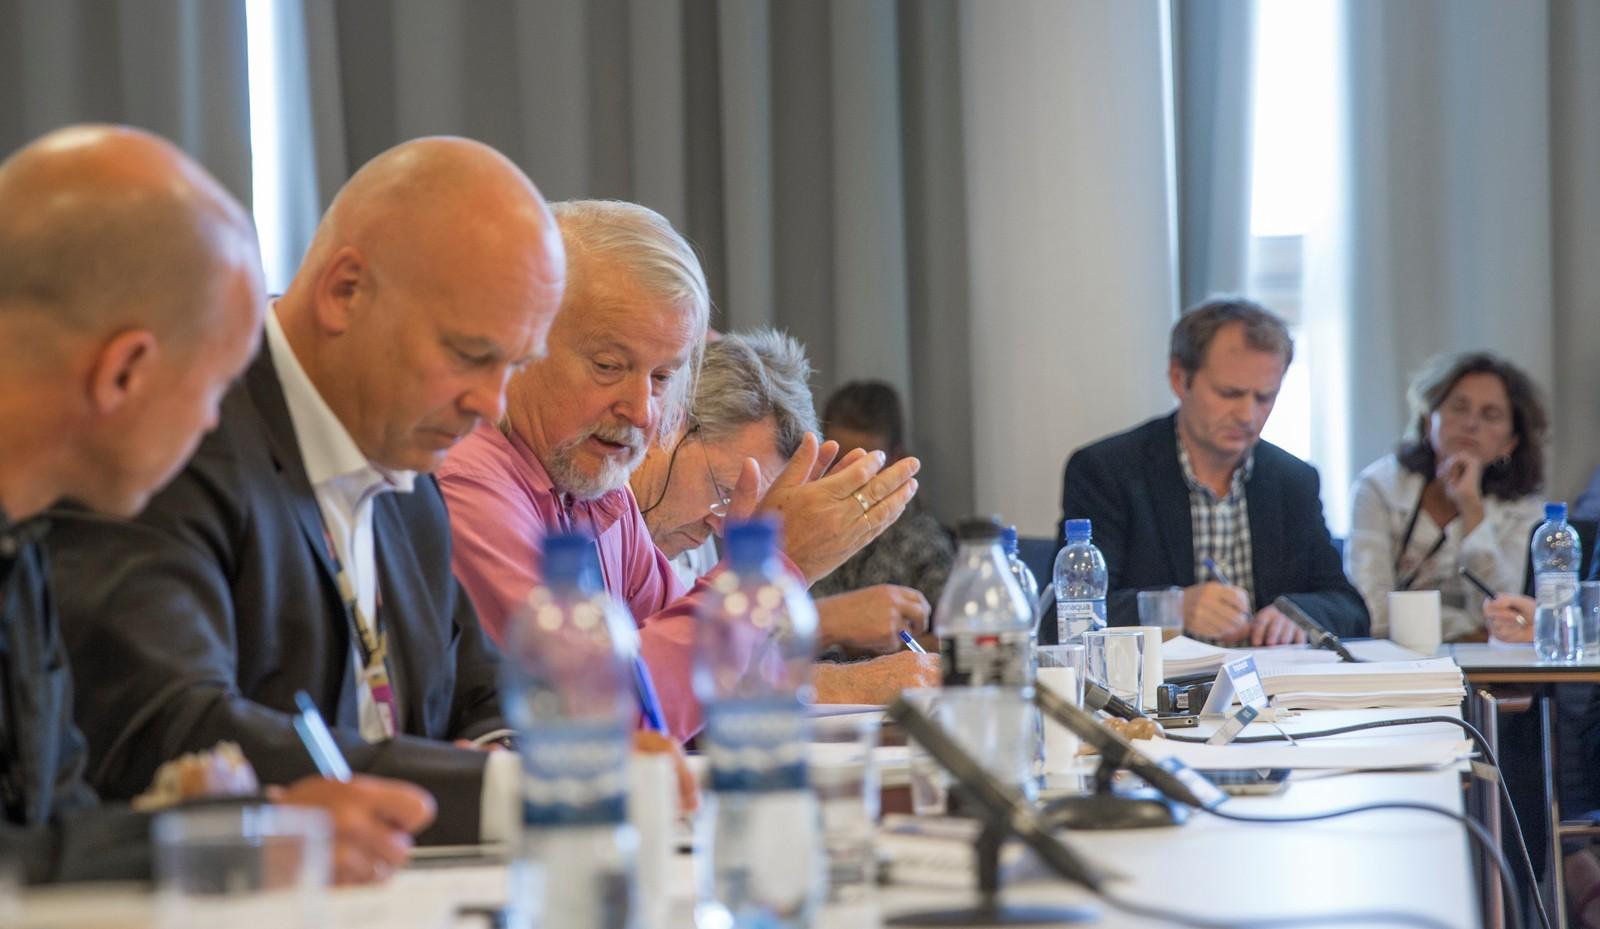 Midtøsten flittig diskutert: rådet i 2014: NRKs dekning av konflikten mellom Israel og palestinerne har rådet har brukt mye tid på opp gjennom årene. Rådets leder Per Edgar Kokkvold fører ordet.